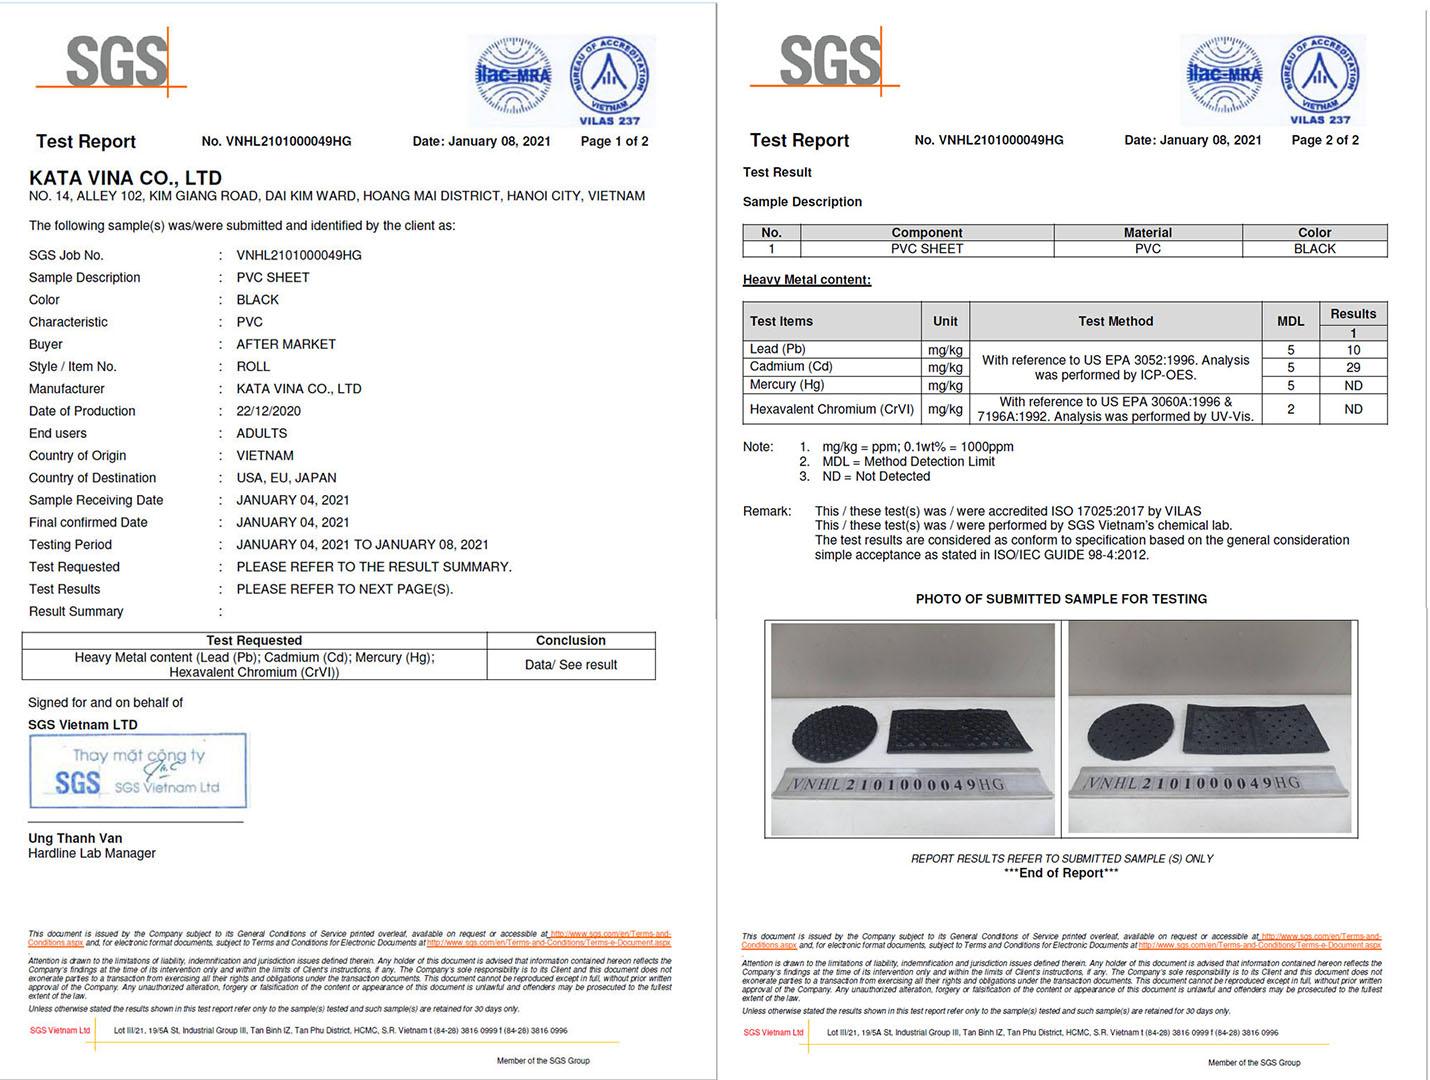 Chứng chỉ quốc tế SGS cho chất lượng sản phẩm và an toàn sức khỏe của thảm KATA